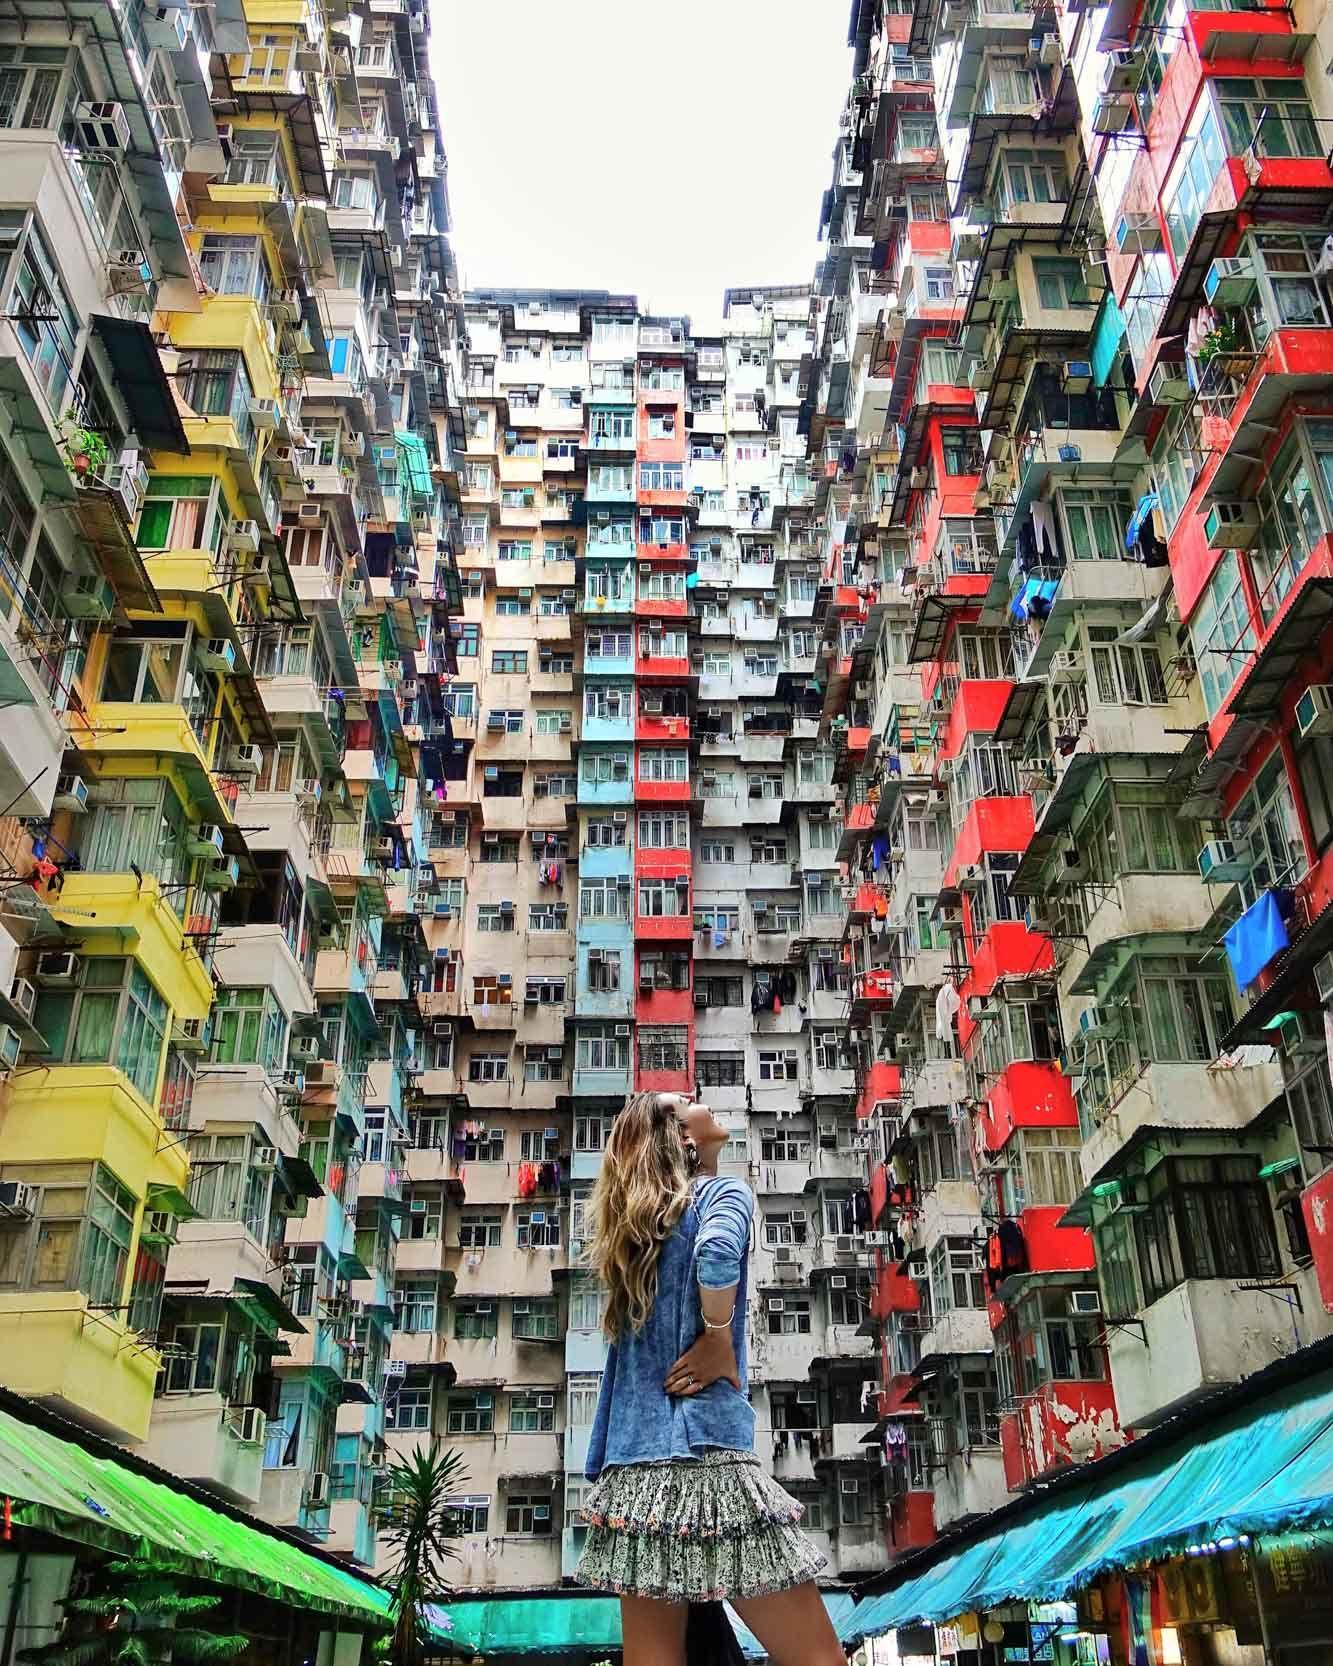 Yik Cheong Building Hong Kong Hong Kong Travel Philippines Travel Travel